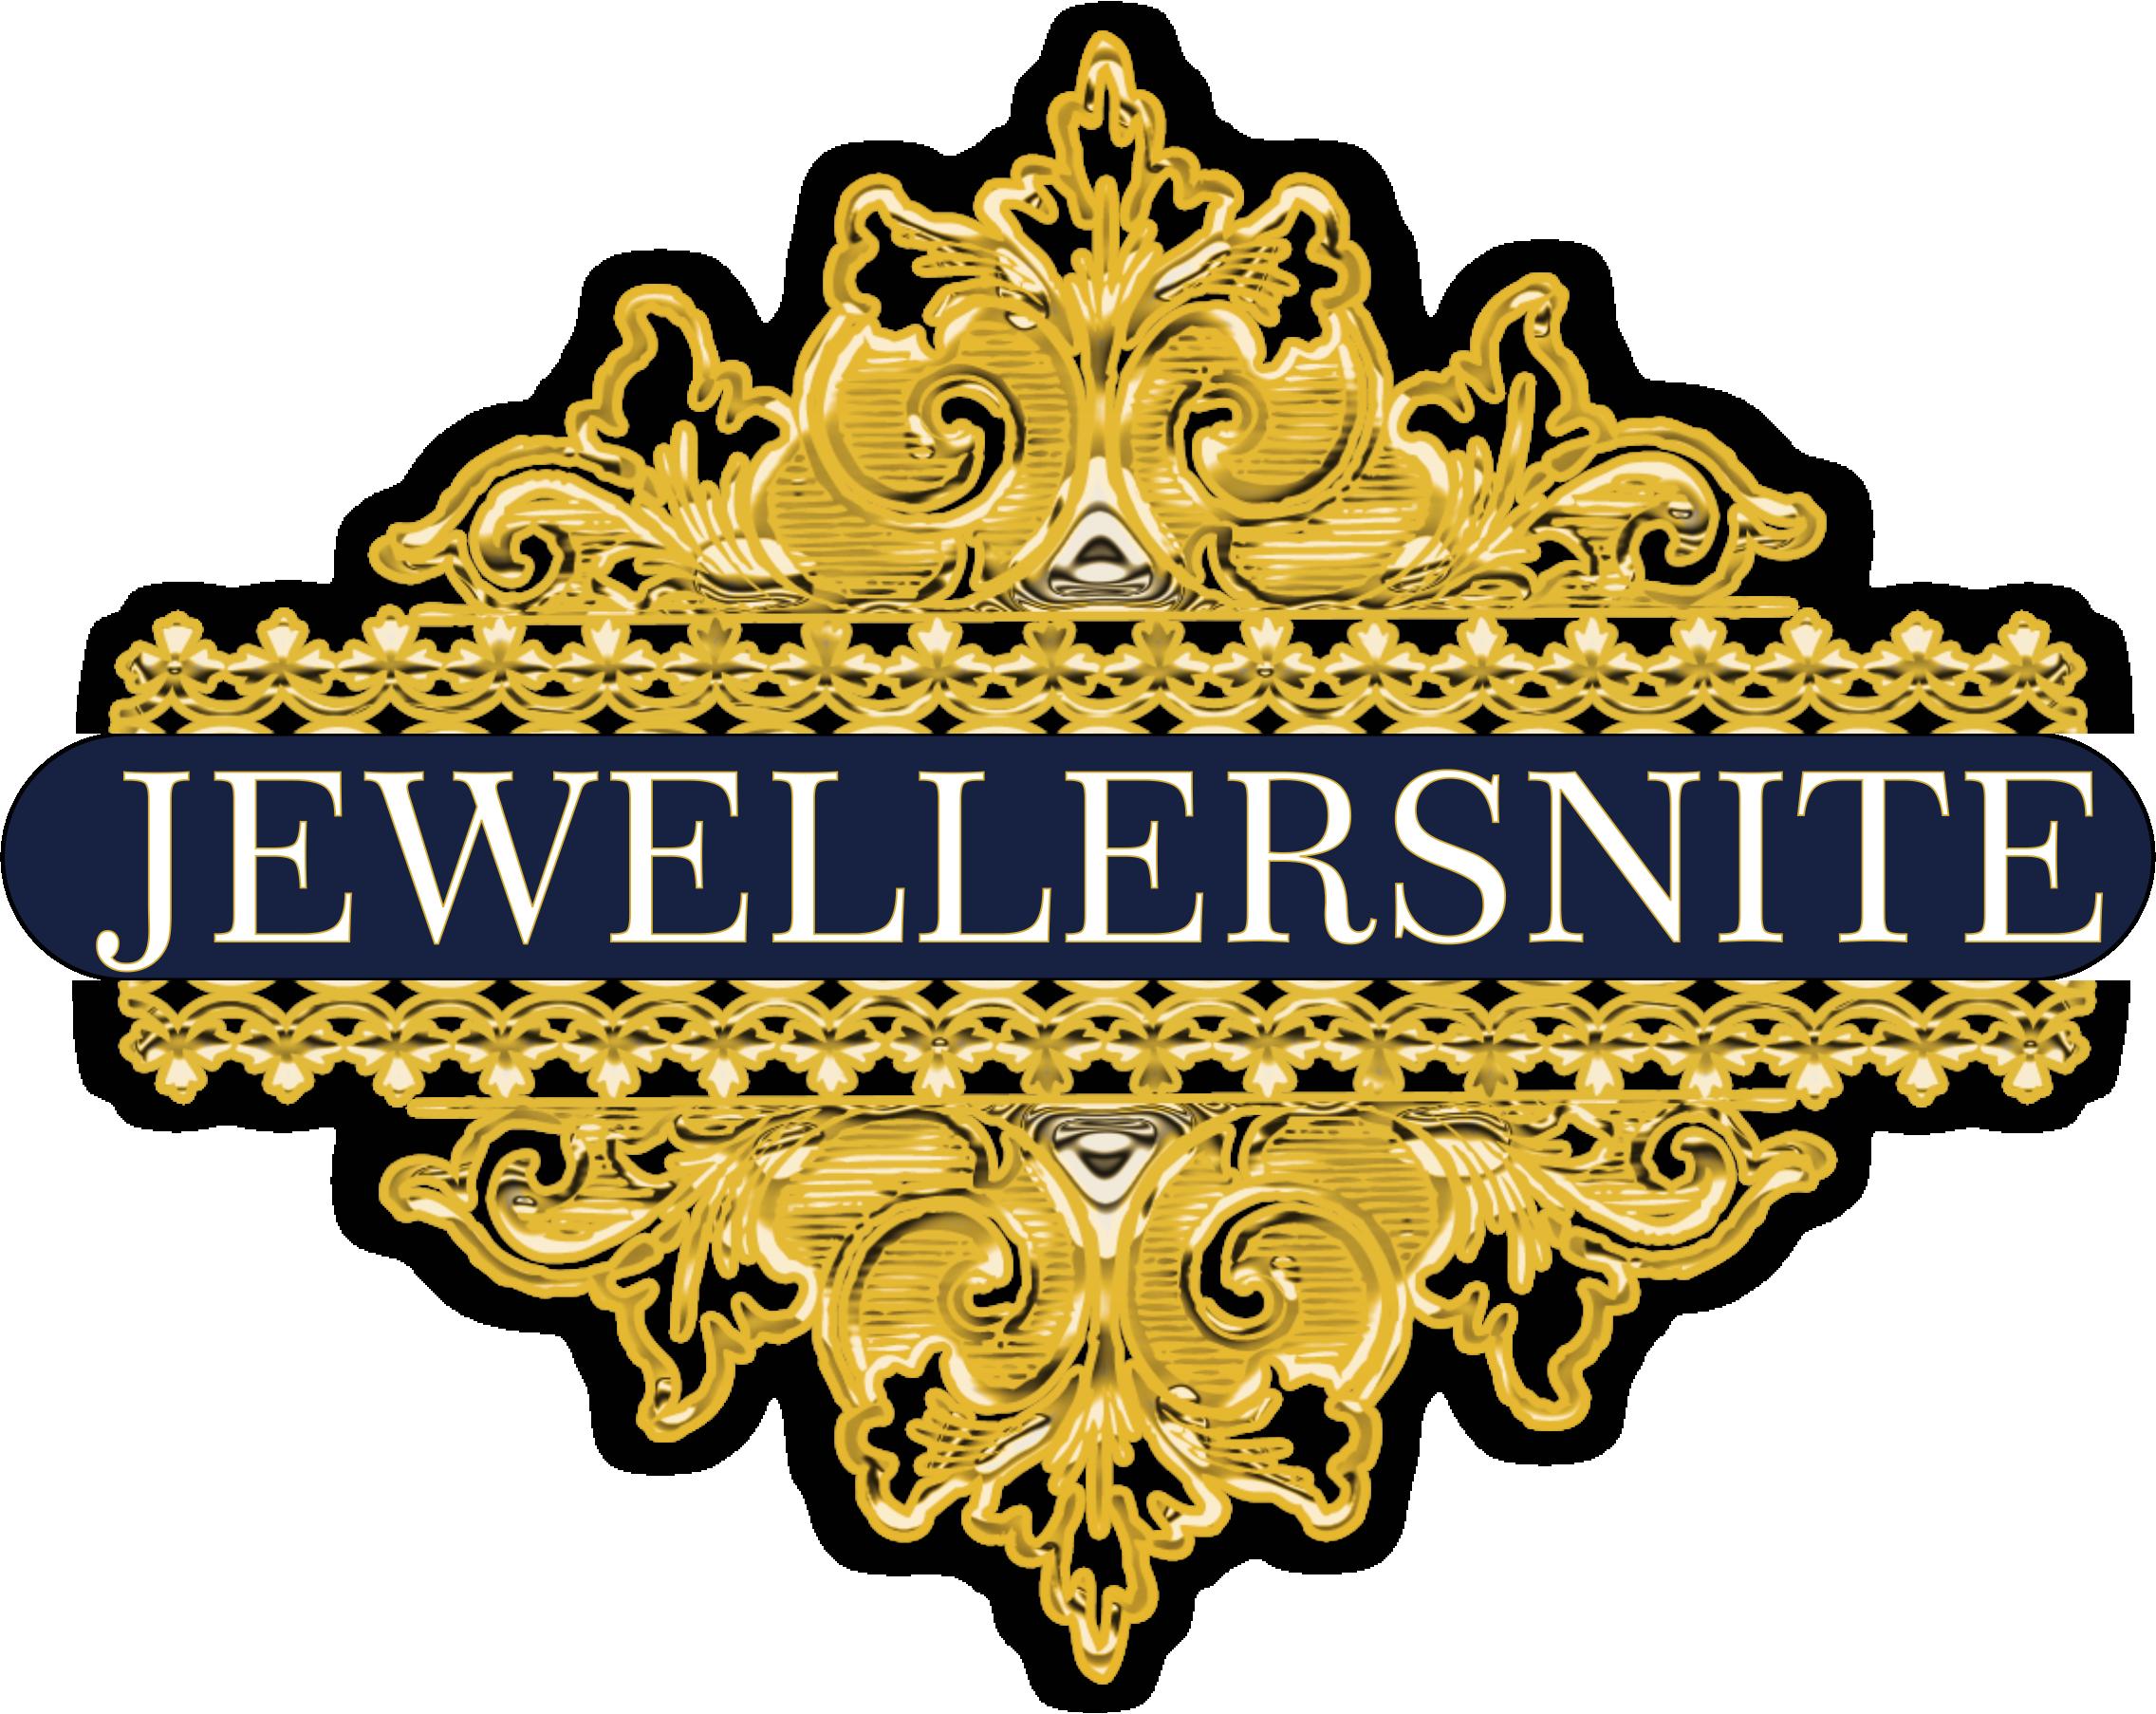 Jewellersnite